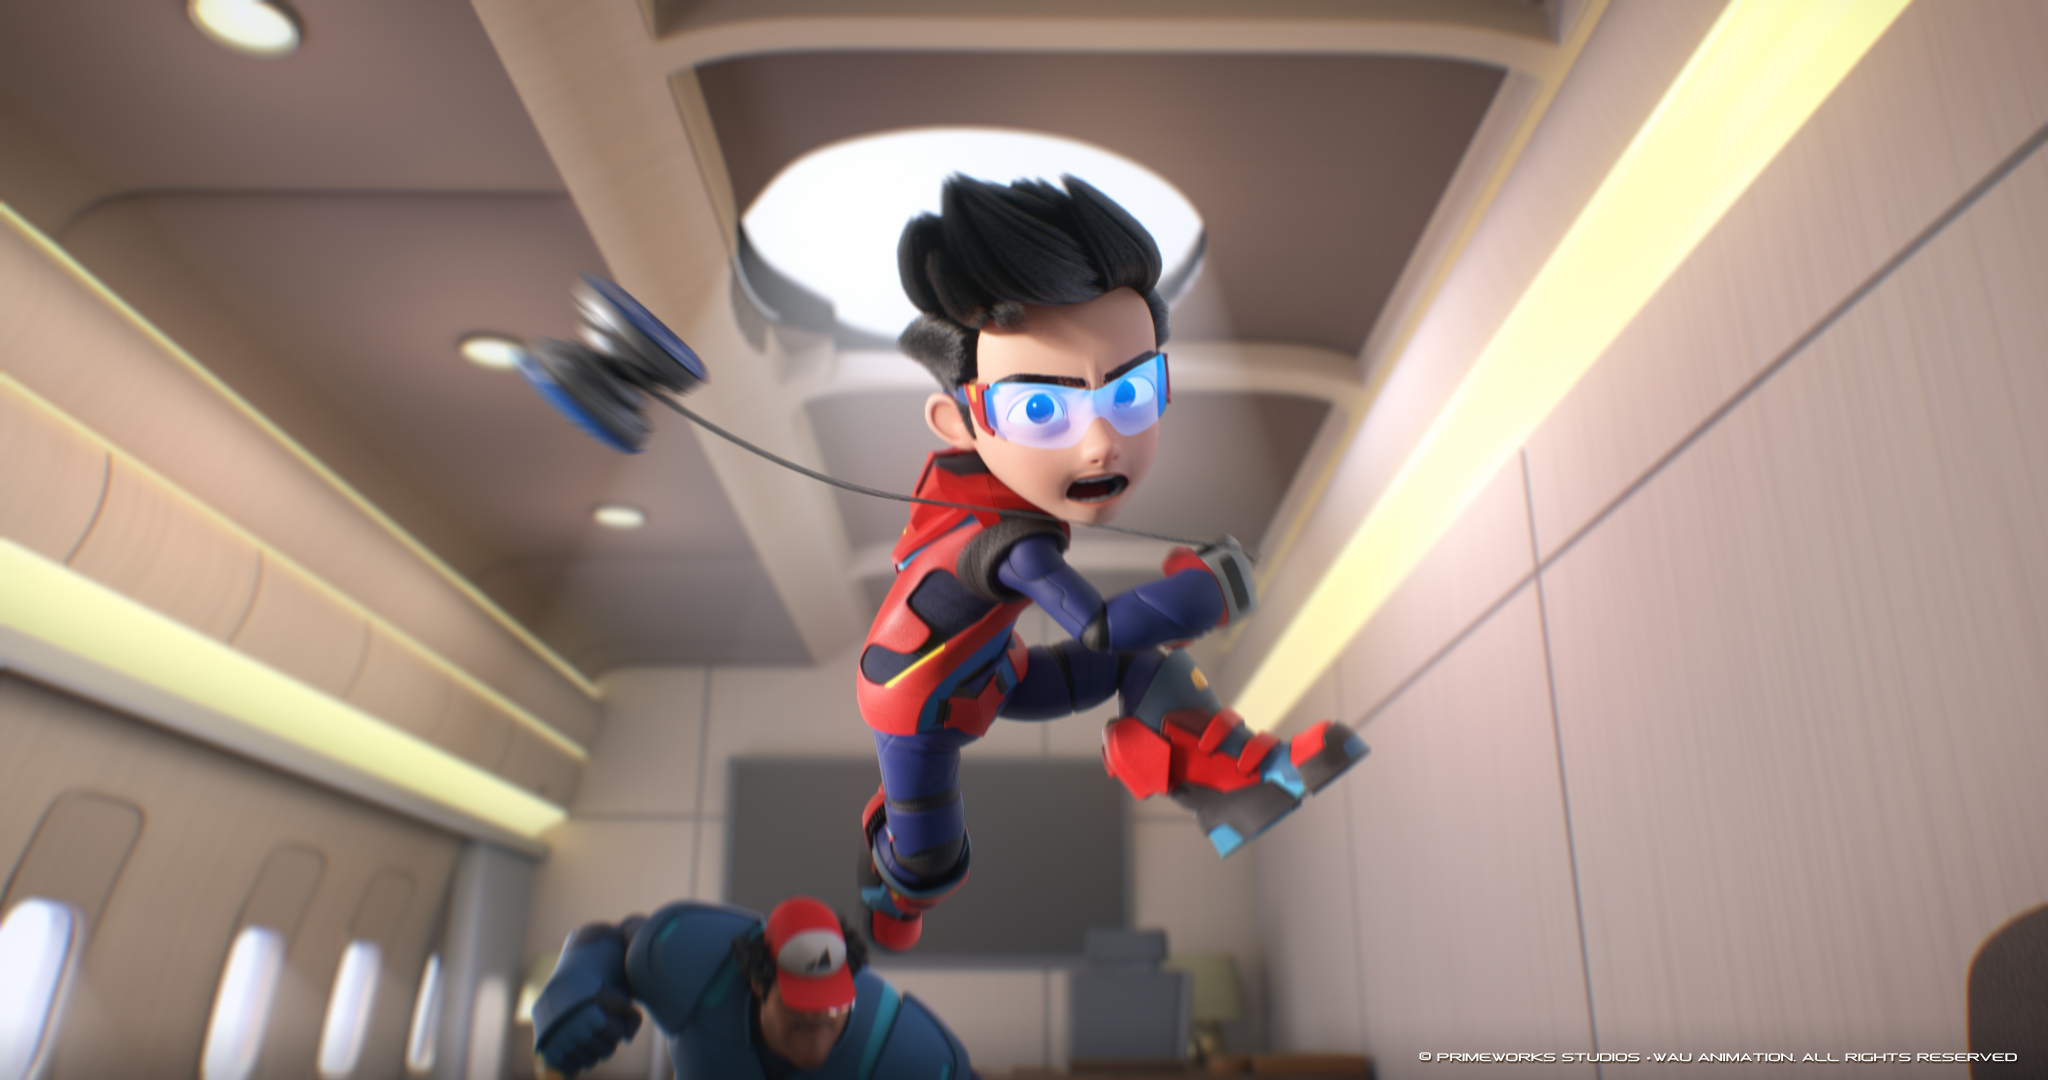 Image from Primework Studios